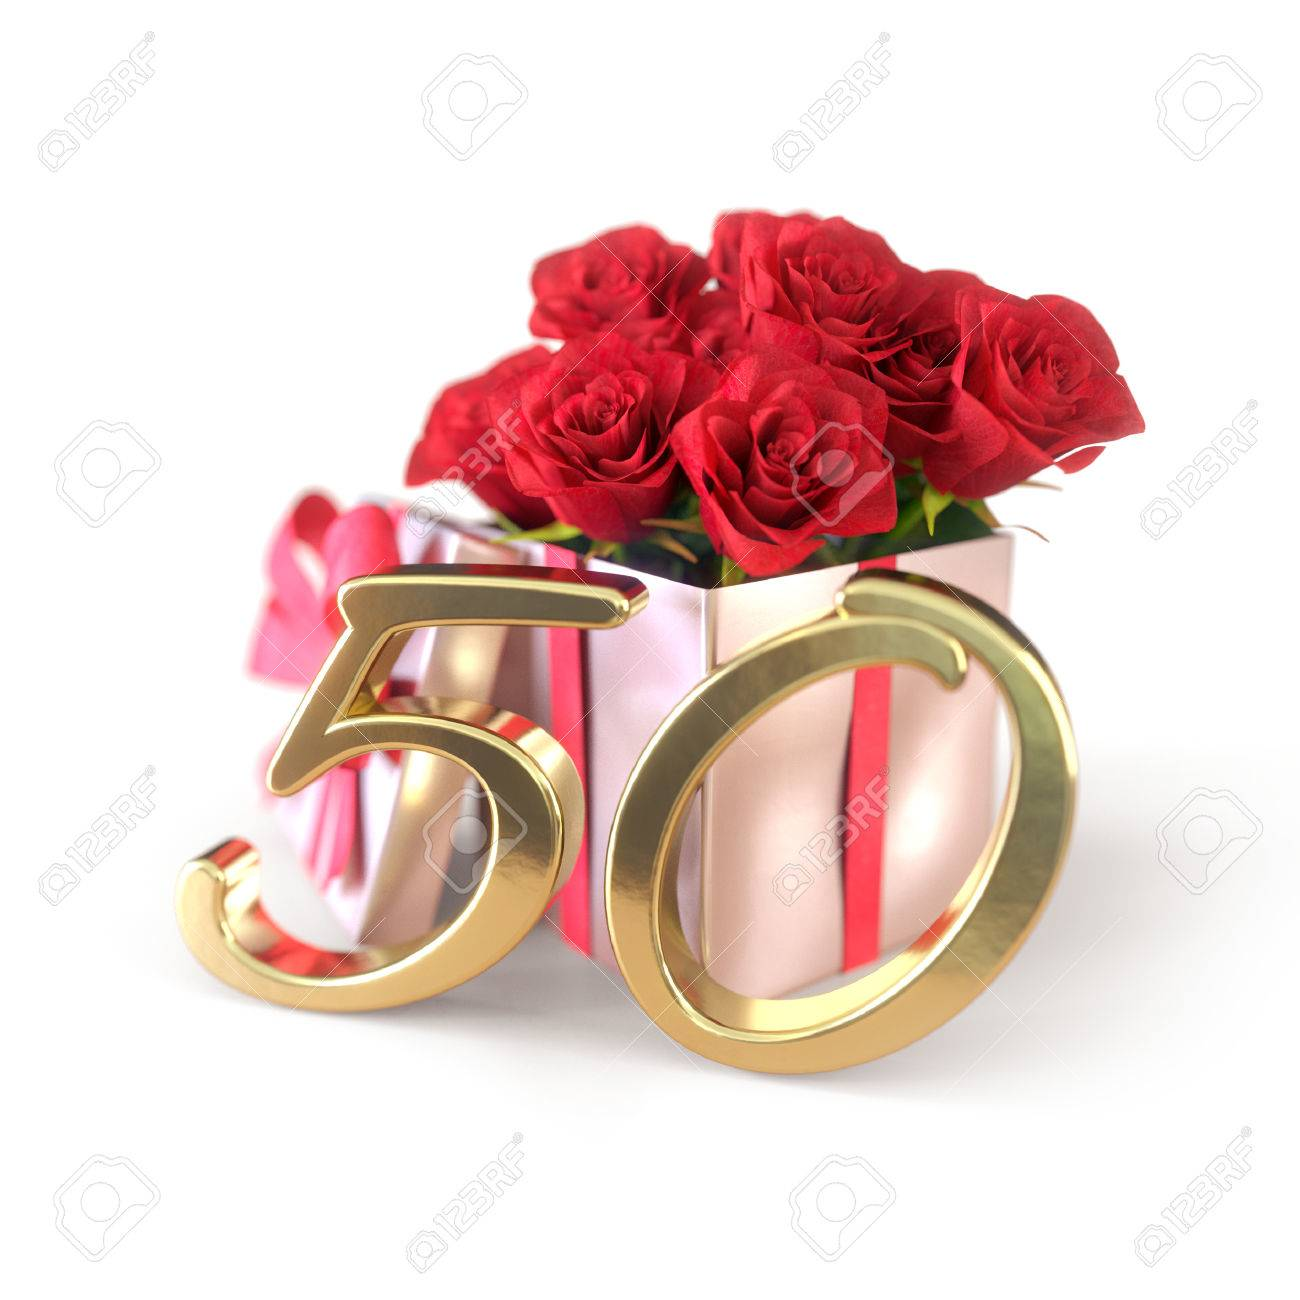 Immagini Stock Concetto Di Compleanno Con Rose Rosse In Regalo